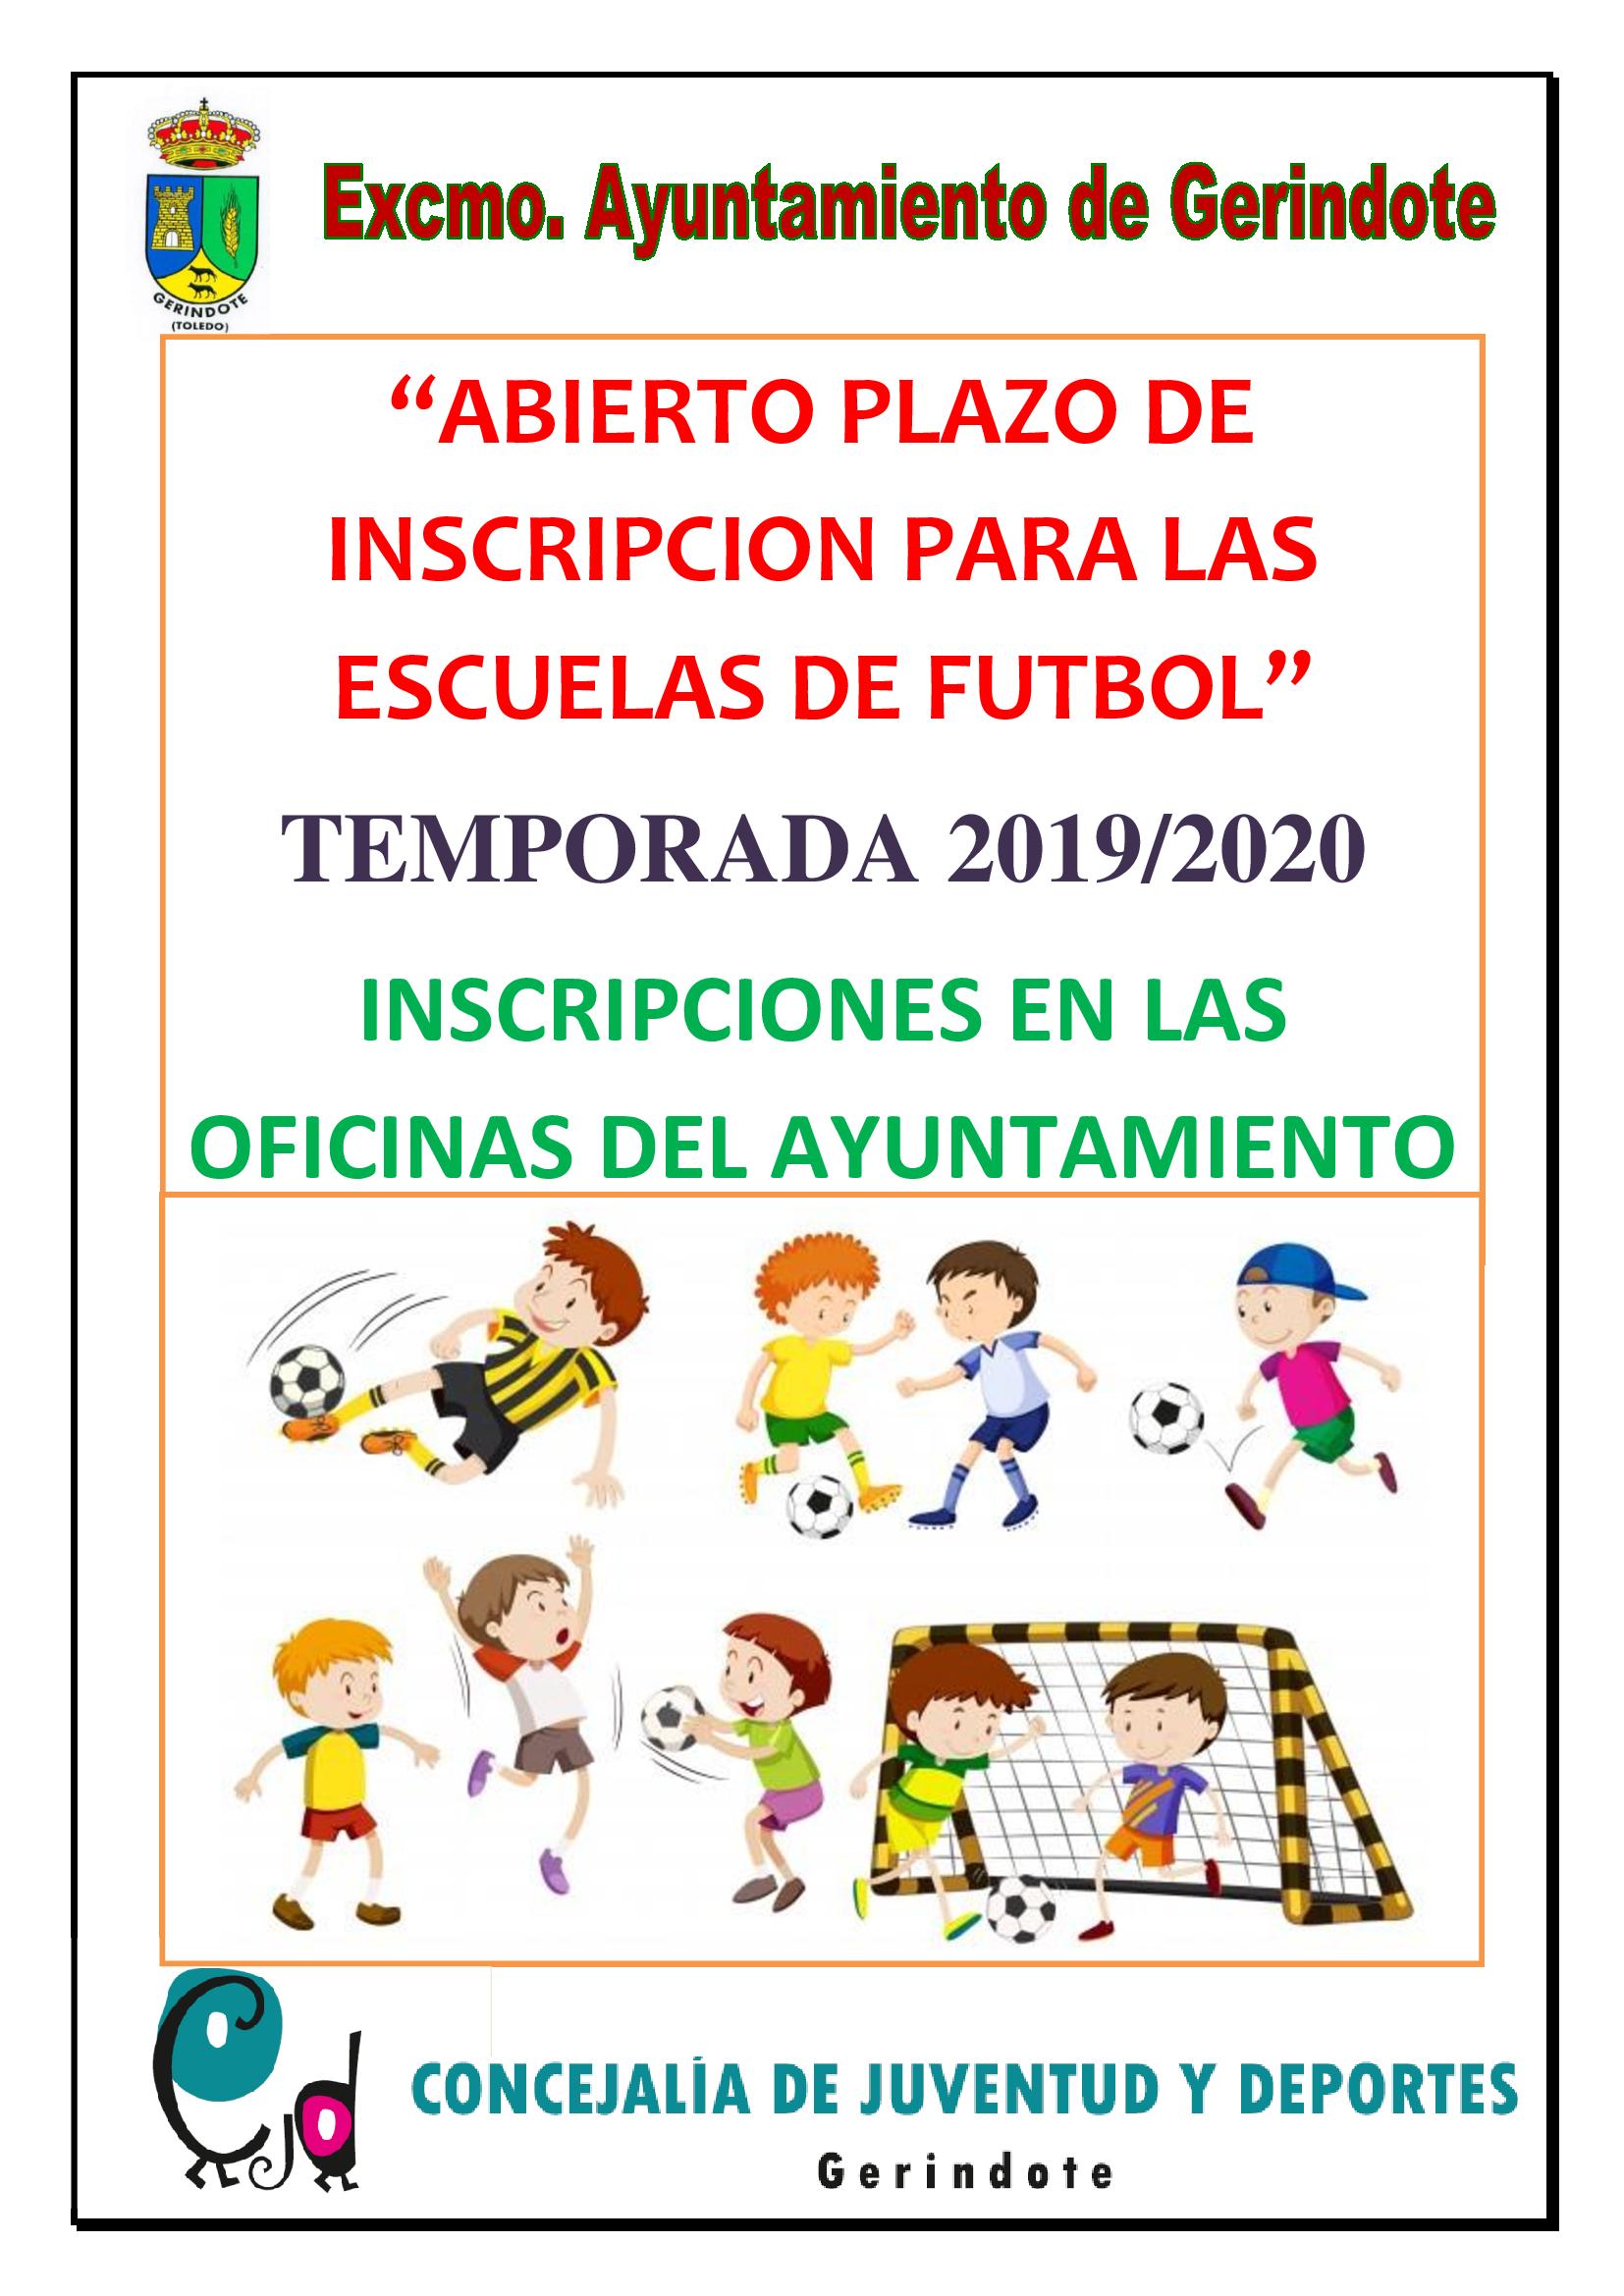 2018-ESCUELAS-DE-FUTBOL.jpg